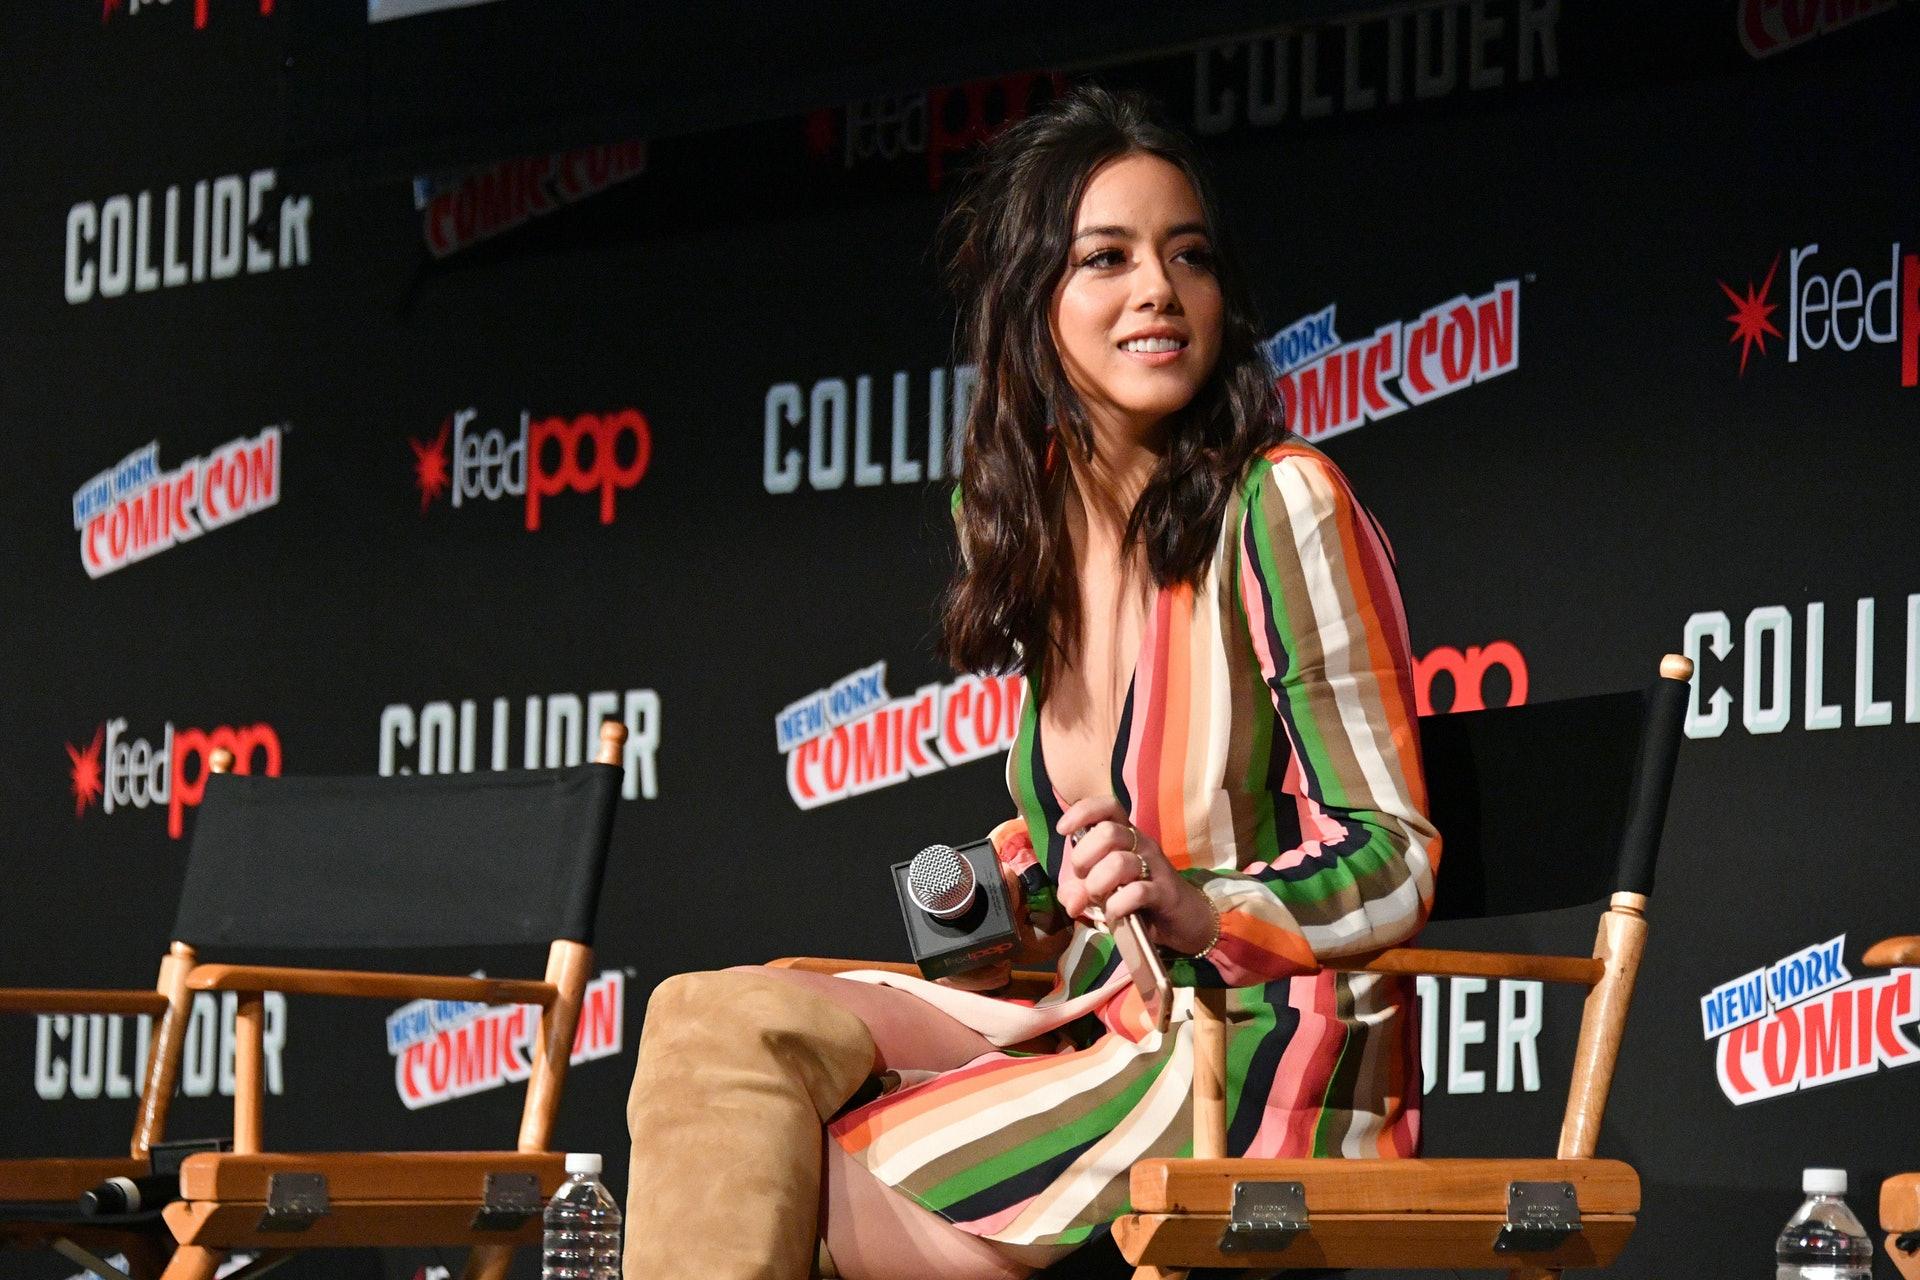 荷里活演員Chloe Bennet是中美混血兒。她的原名是Chole Wang。(Getty Images)